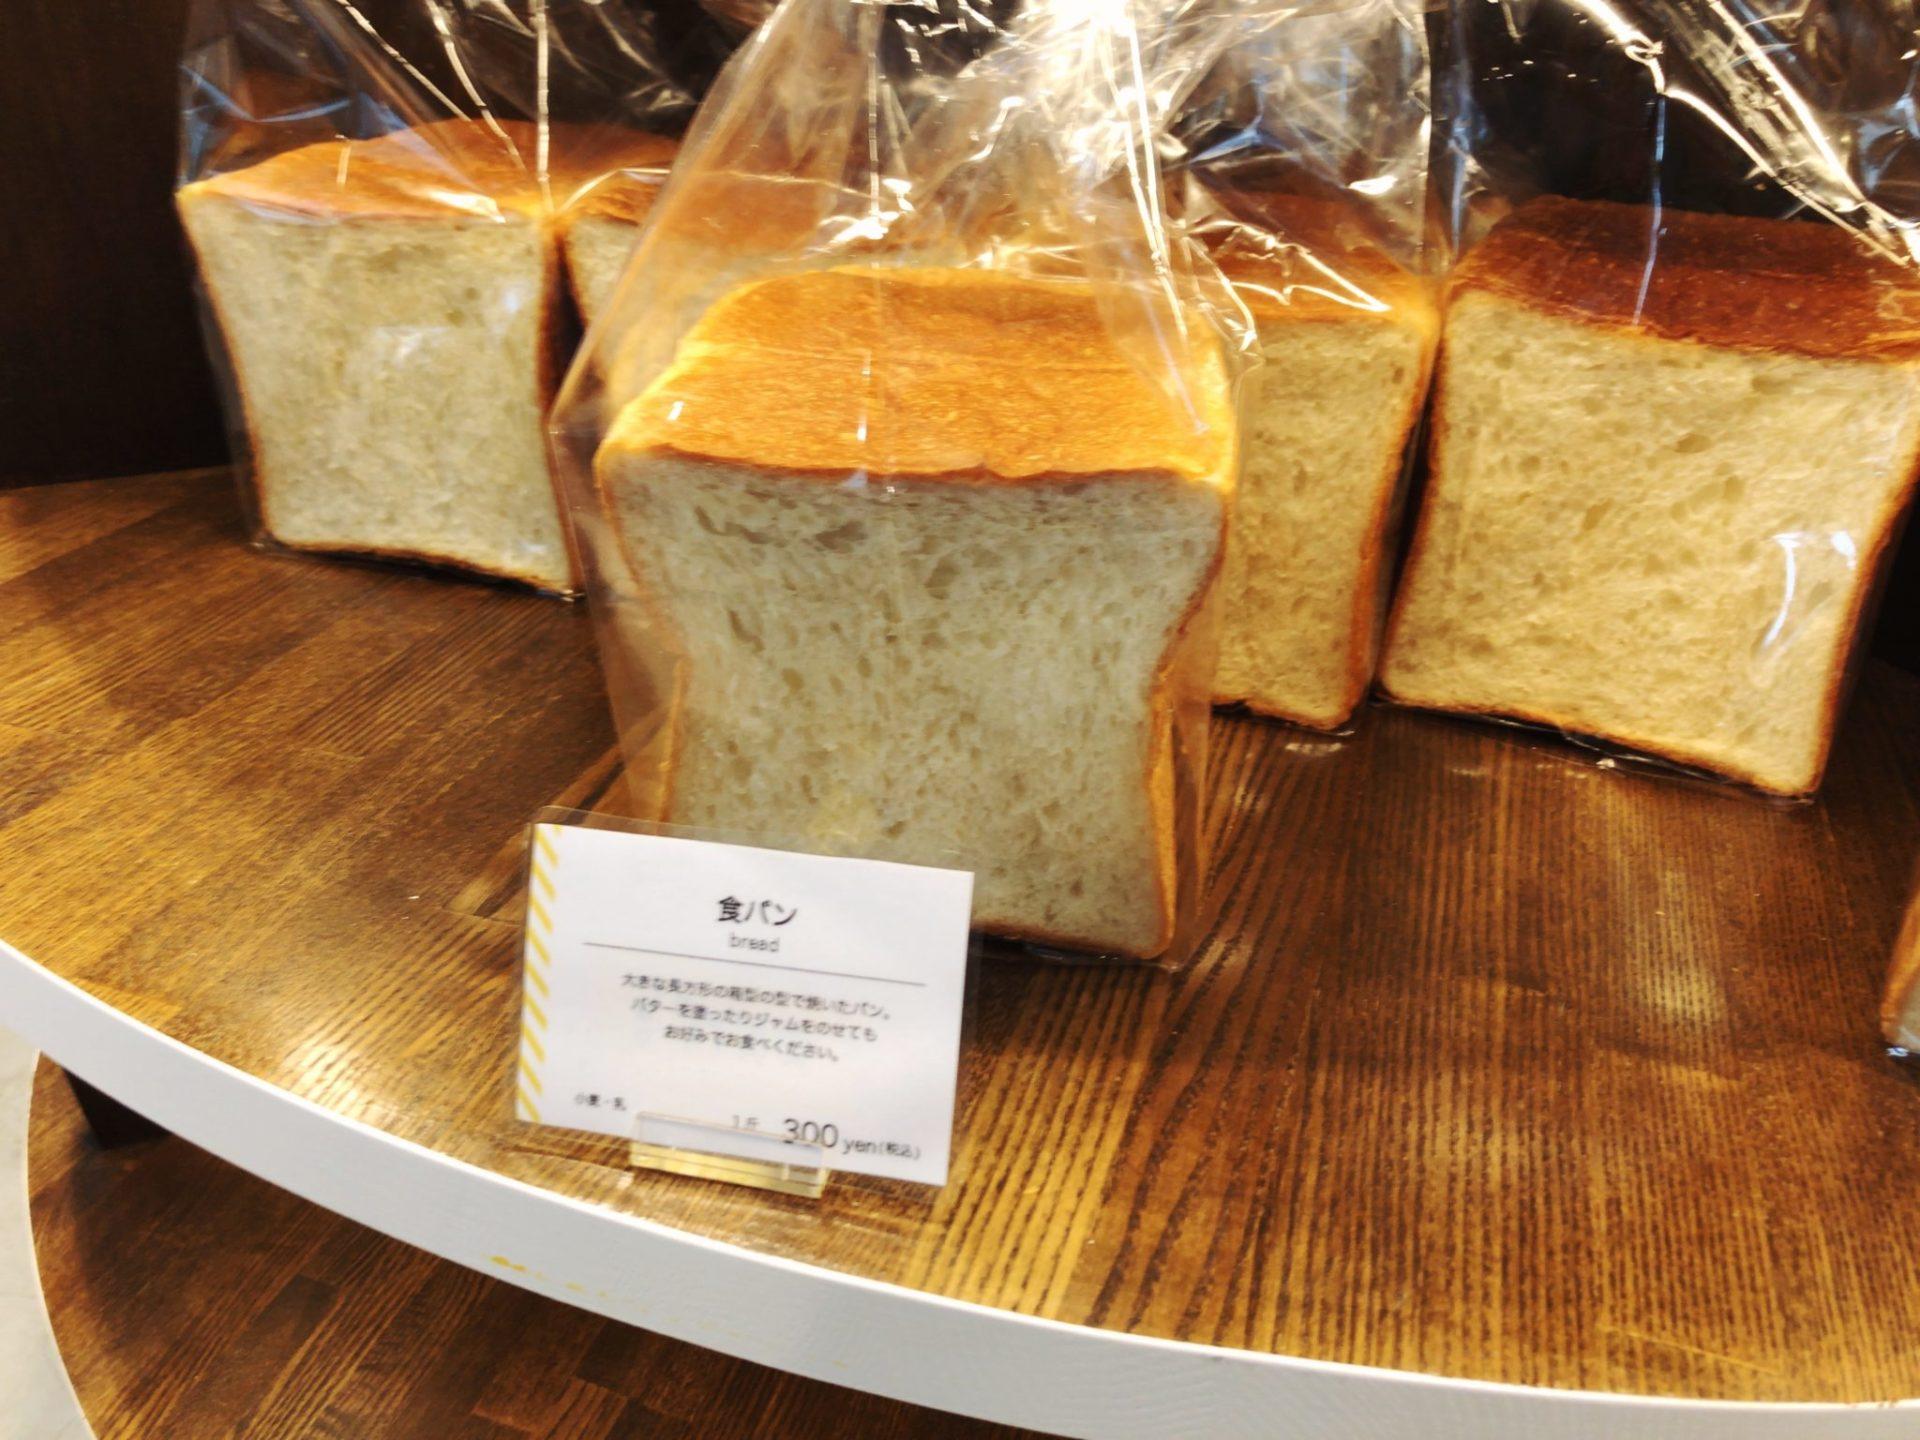 パンとエスプレッソとまちあわせの食パン